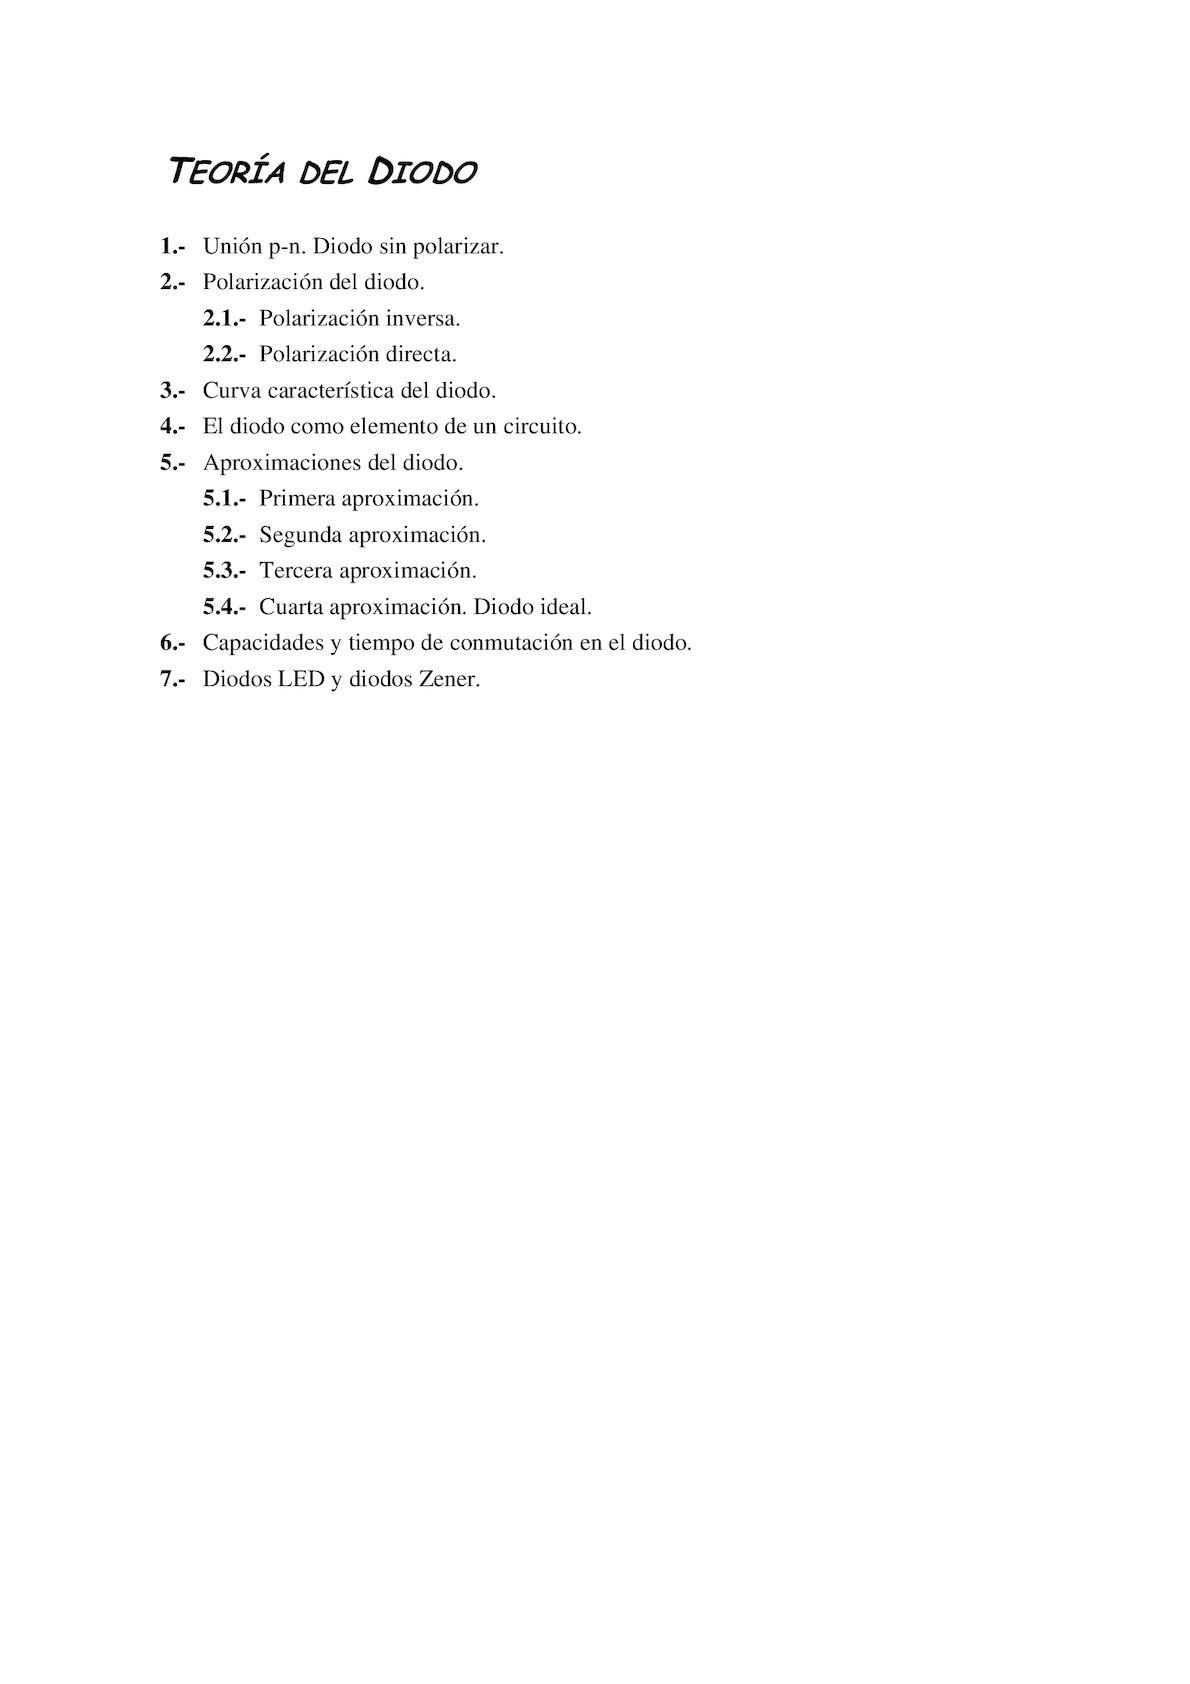 Circuito Zener : Calaméo teoria del diodo